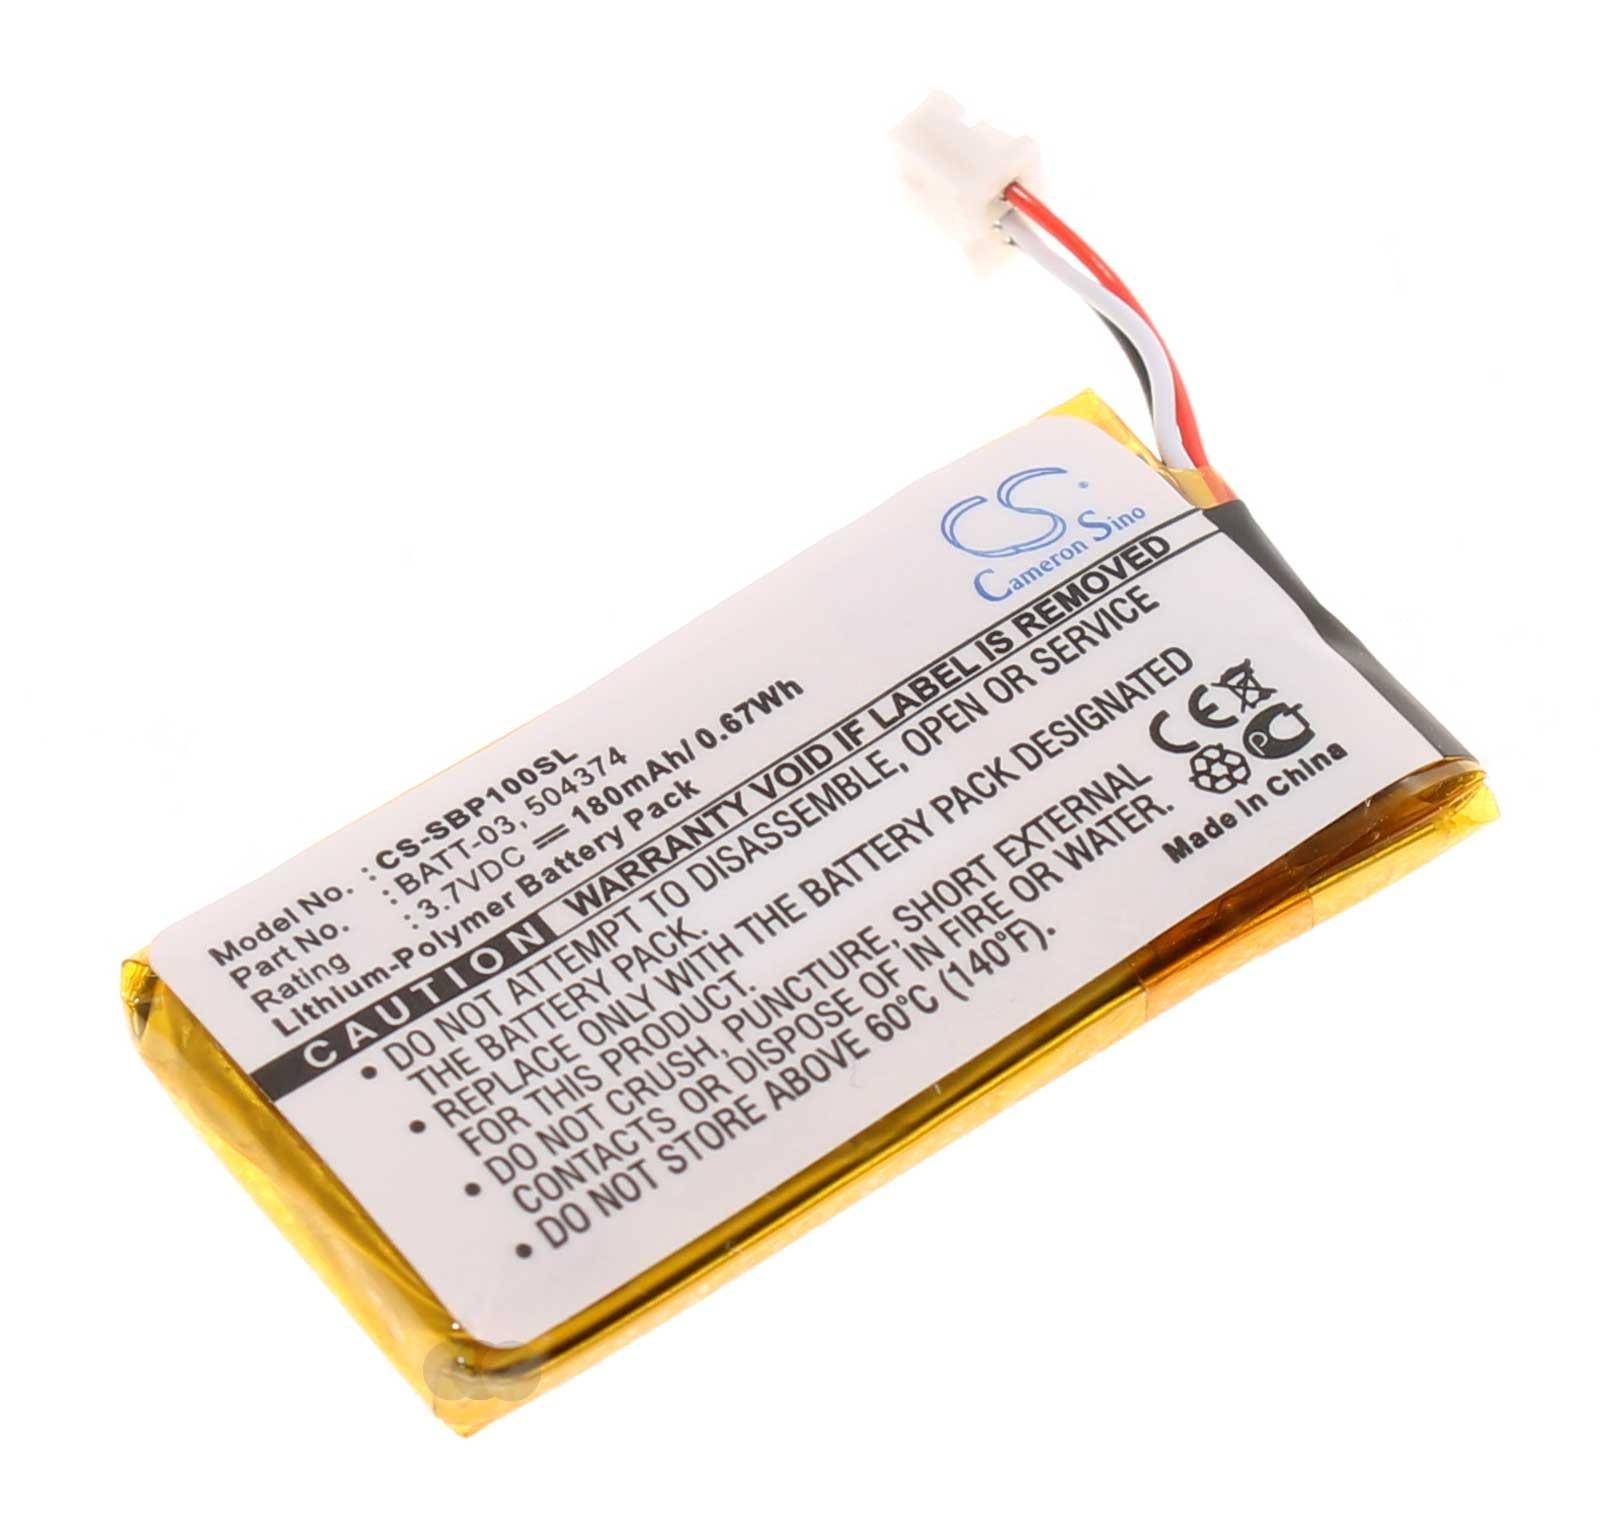 3,7V Akku für Sennheiser Headsets DW MB SD Pro ML 1 2 Office Runner, 504374 BATT-03, 180mAh